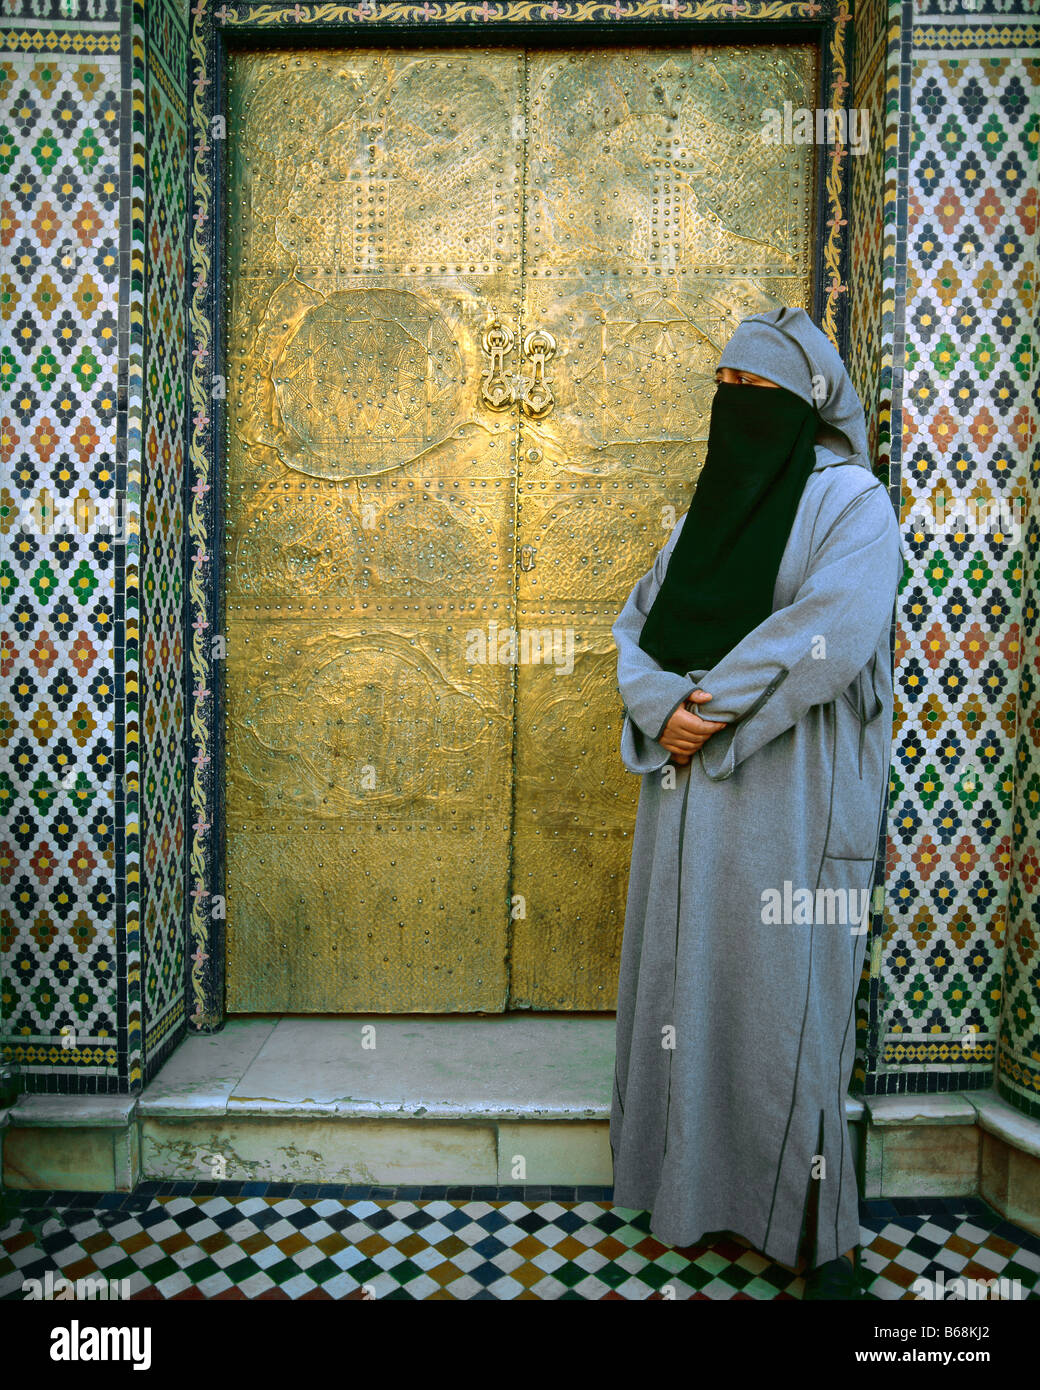 Mujer velada, Marrakech, Marruecos Imagen De Stock